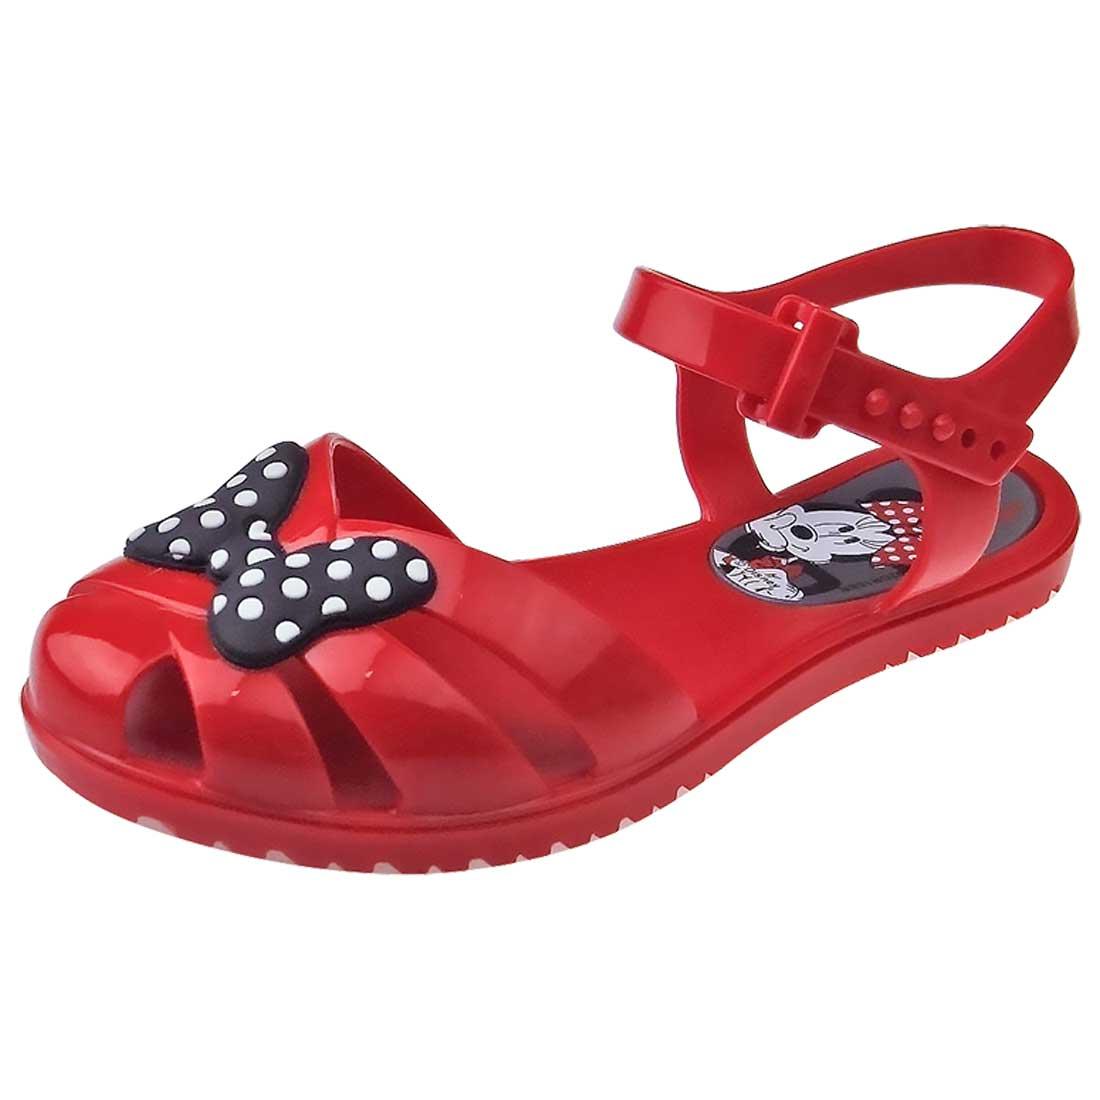 Sandália Baby Minnie Mouse - Vermelha